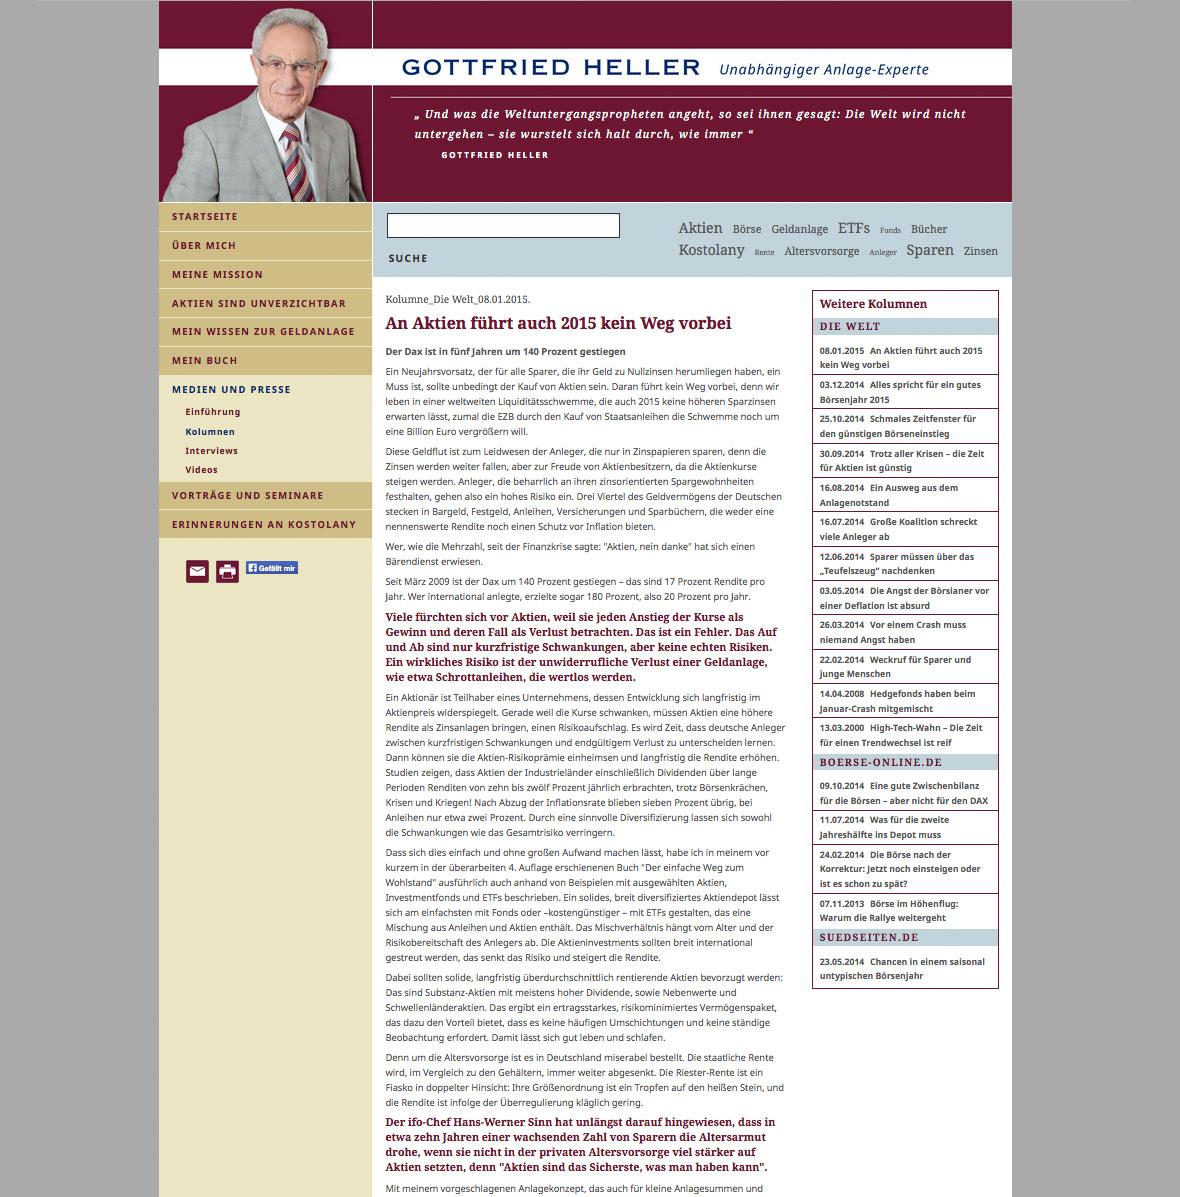 punktneun-Gottfried-Heller-Webdesign-München-Kolumnen